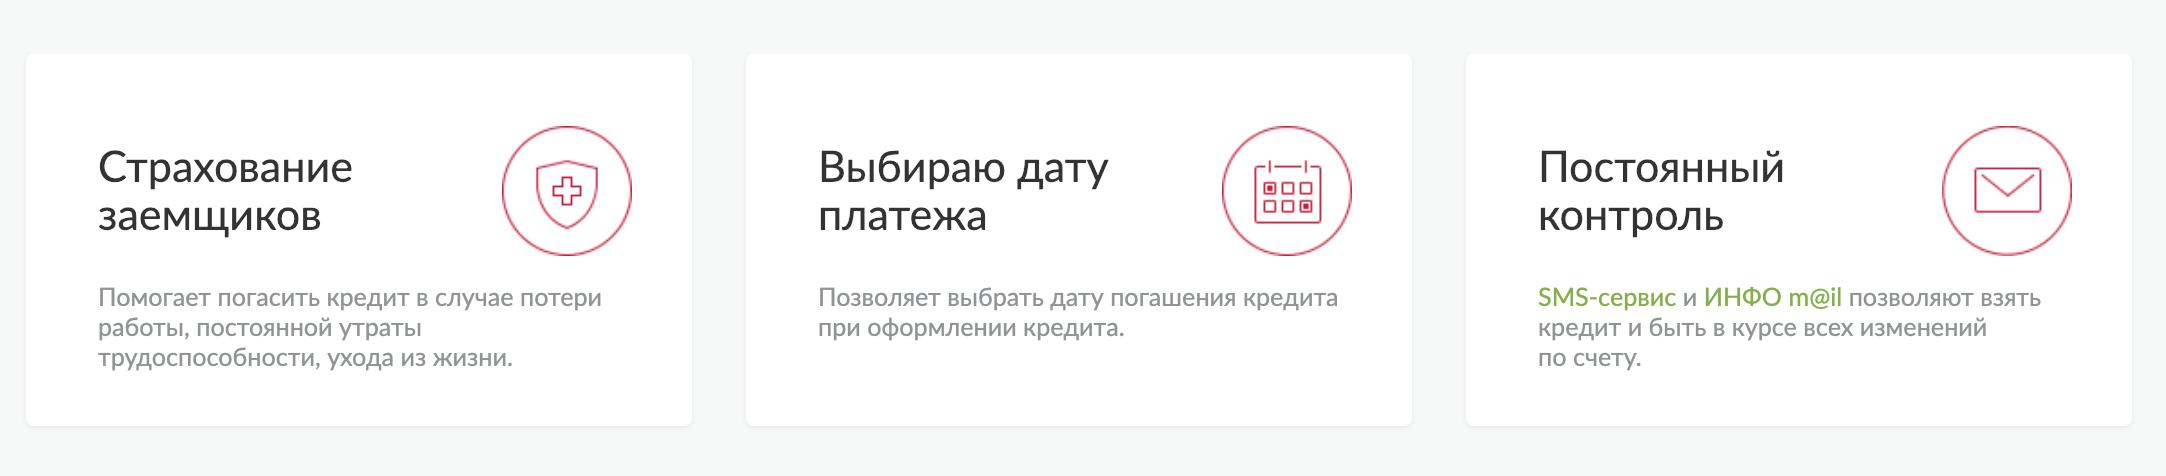 Яндекс деньги что это такое и как пользоваться видео